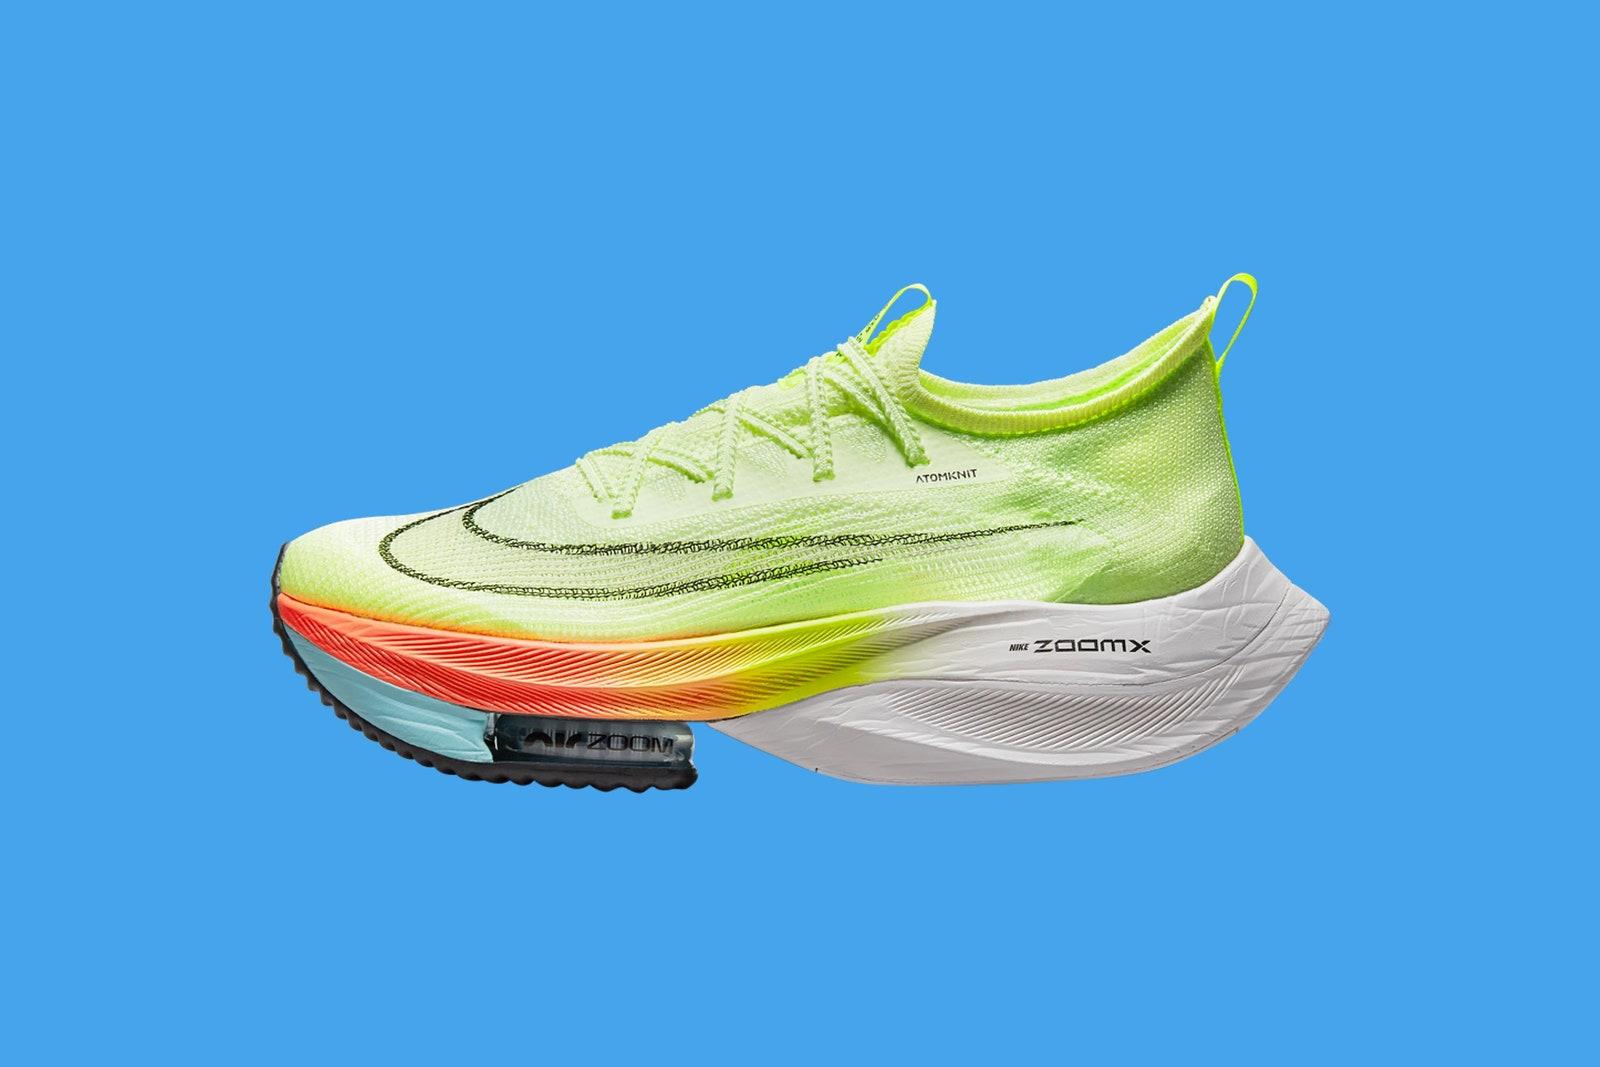 Os sapatos super não são todos iguais! Comprador, cuidado!